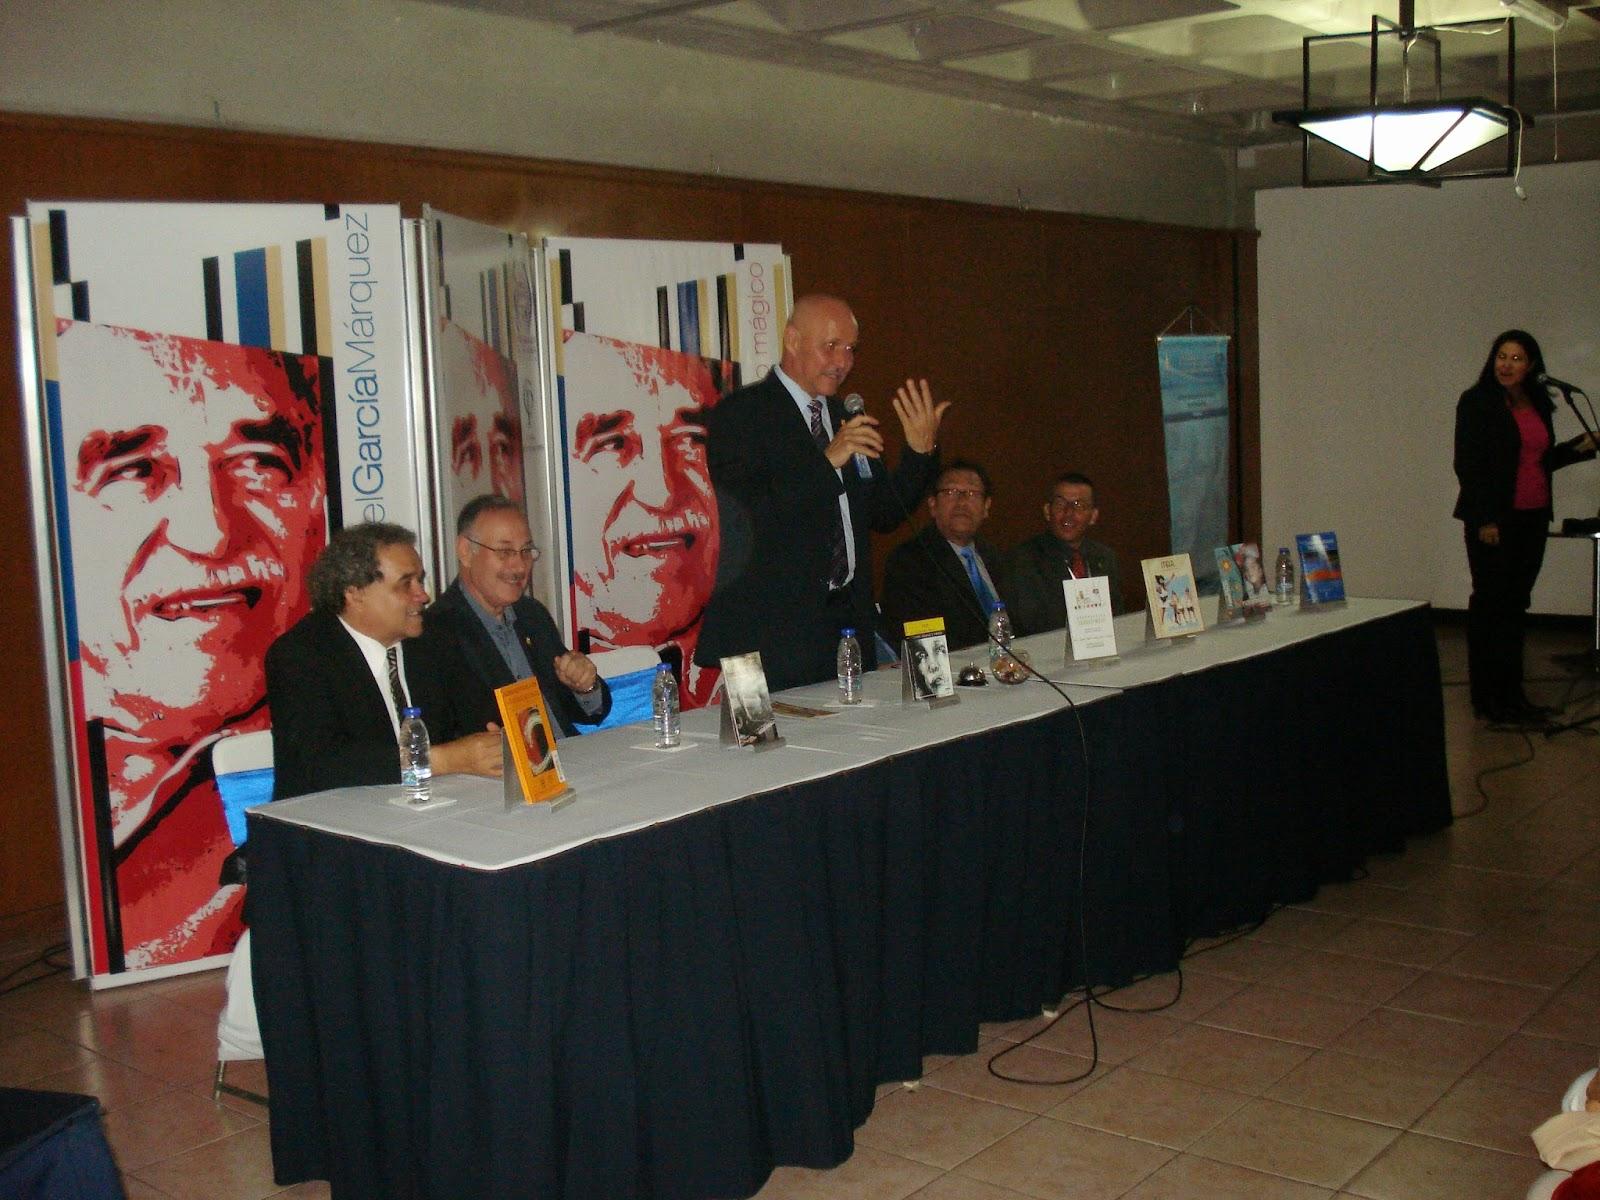 El Rector reconoció  a cada una de las personas y dependencias que trabajan para ofrecer los productos de profesores y estudiantes ulandinos.